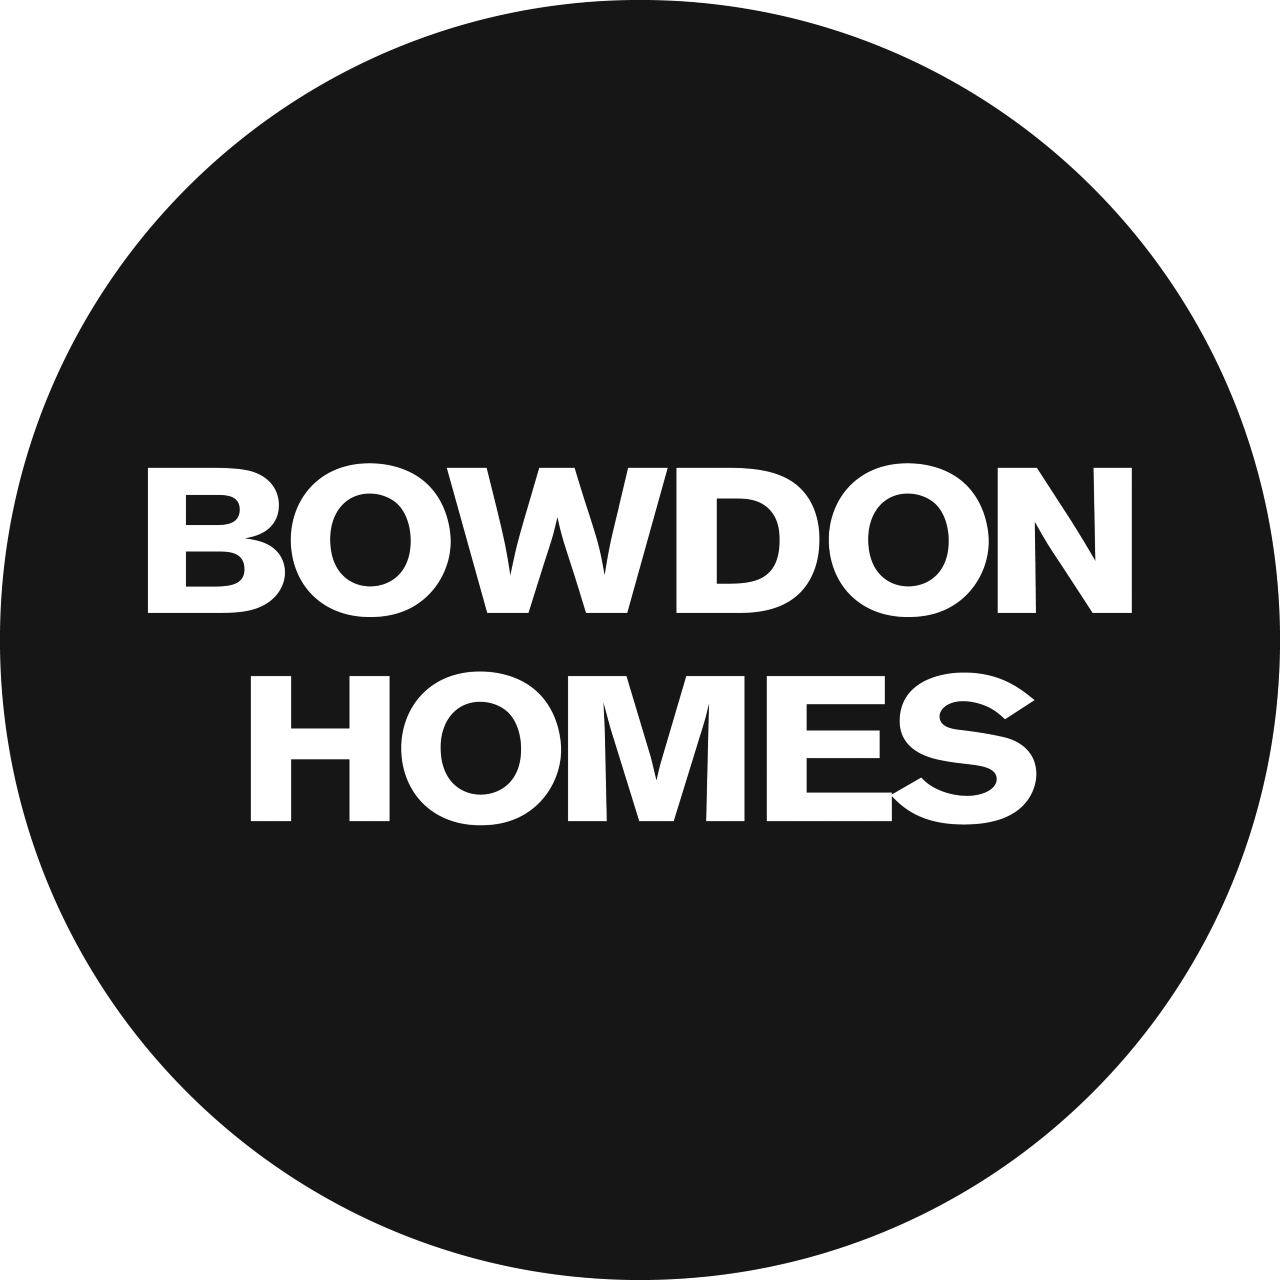 Bowdon Homes